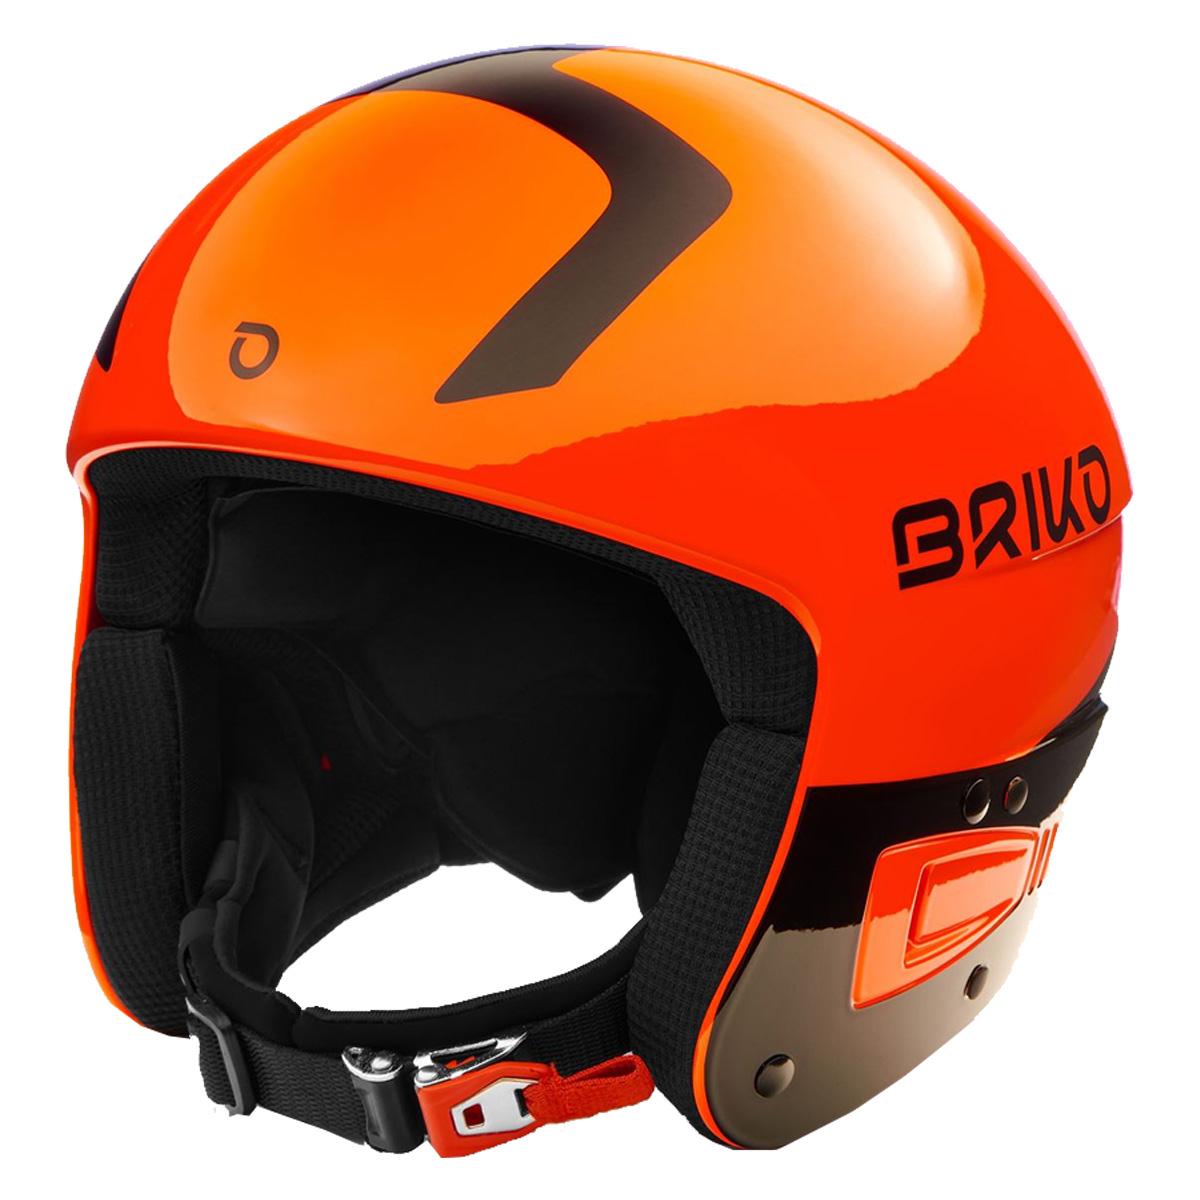 Casco sci Briko Vulcano Fis 6.8 (Colore: shiny orange fluo black, Taglia: S/M)